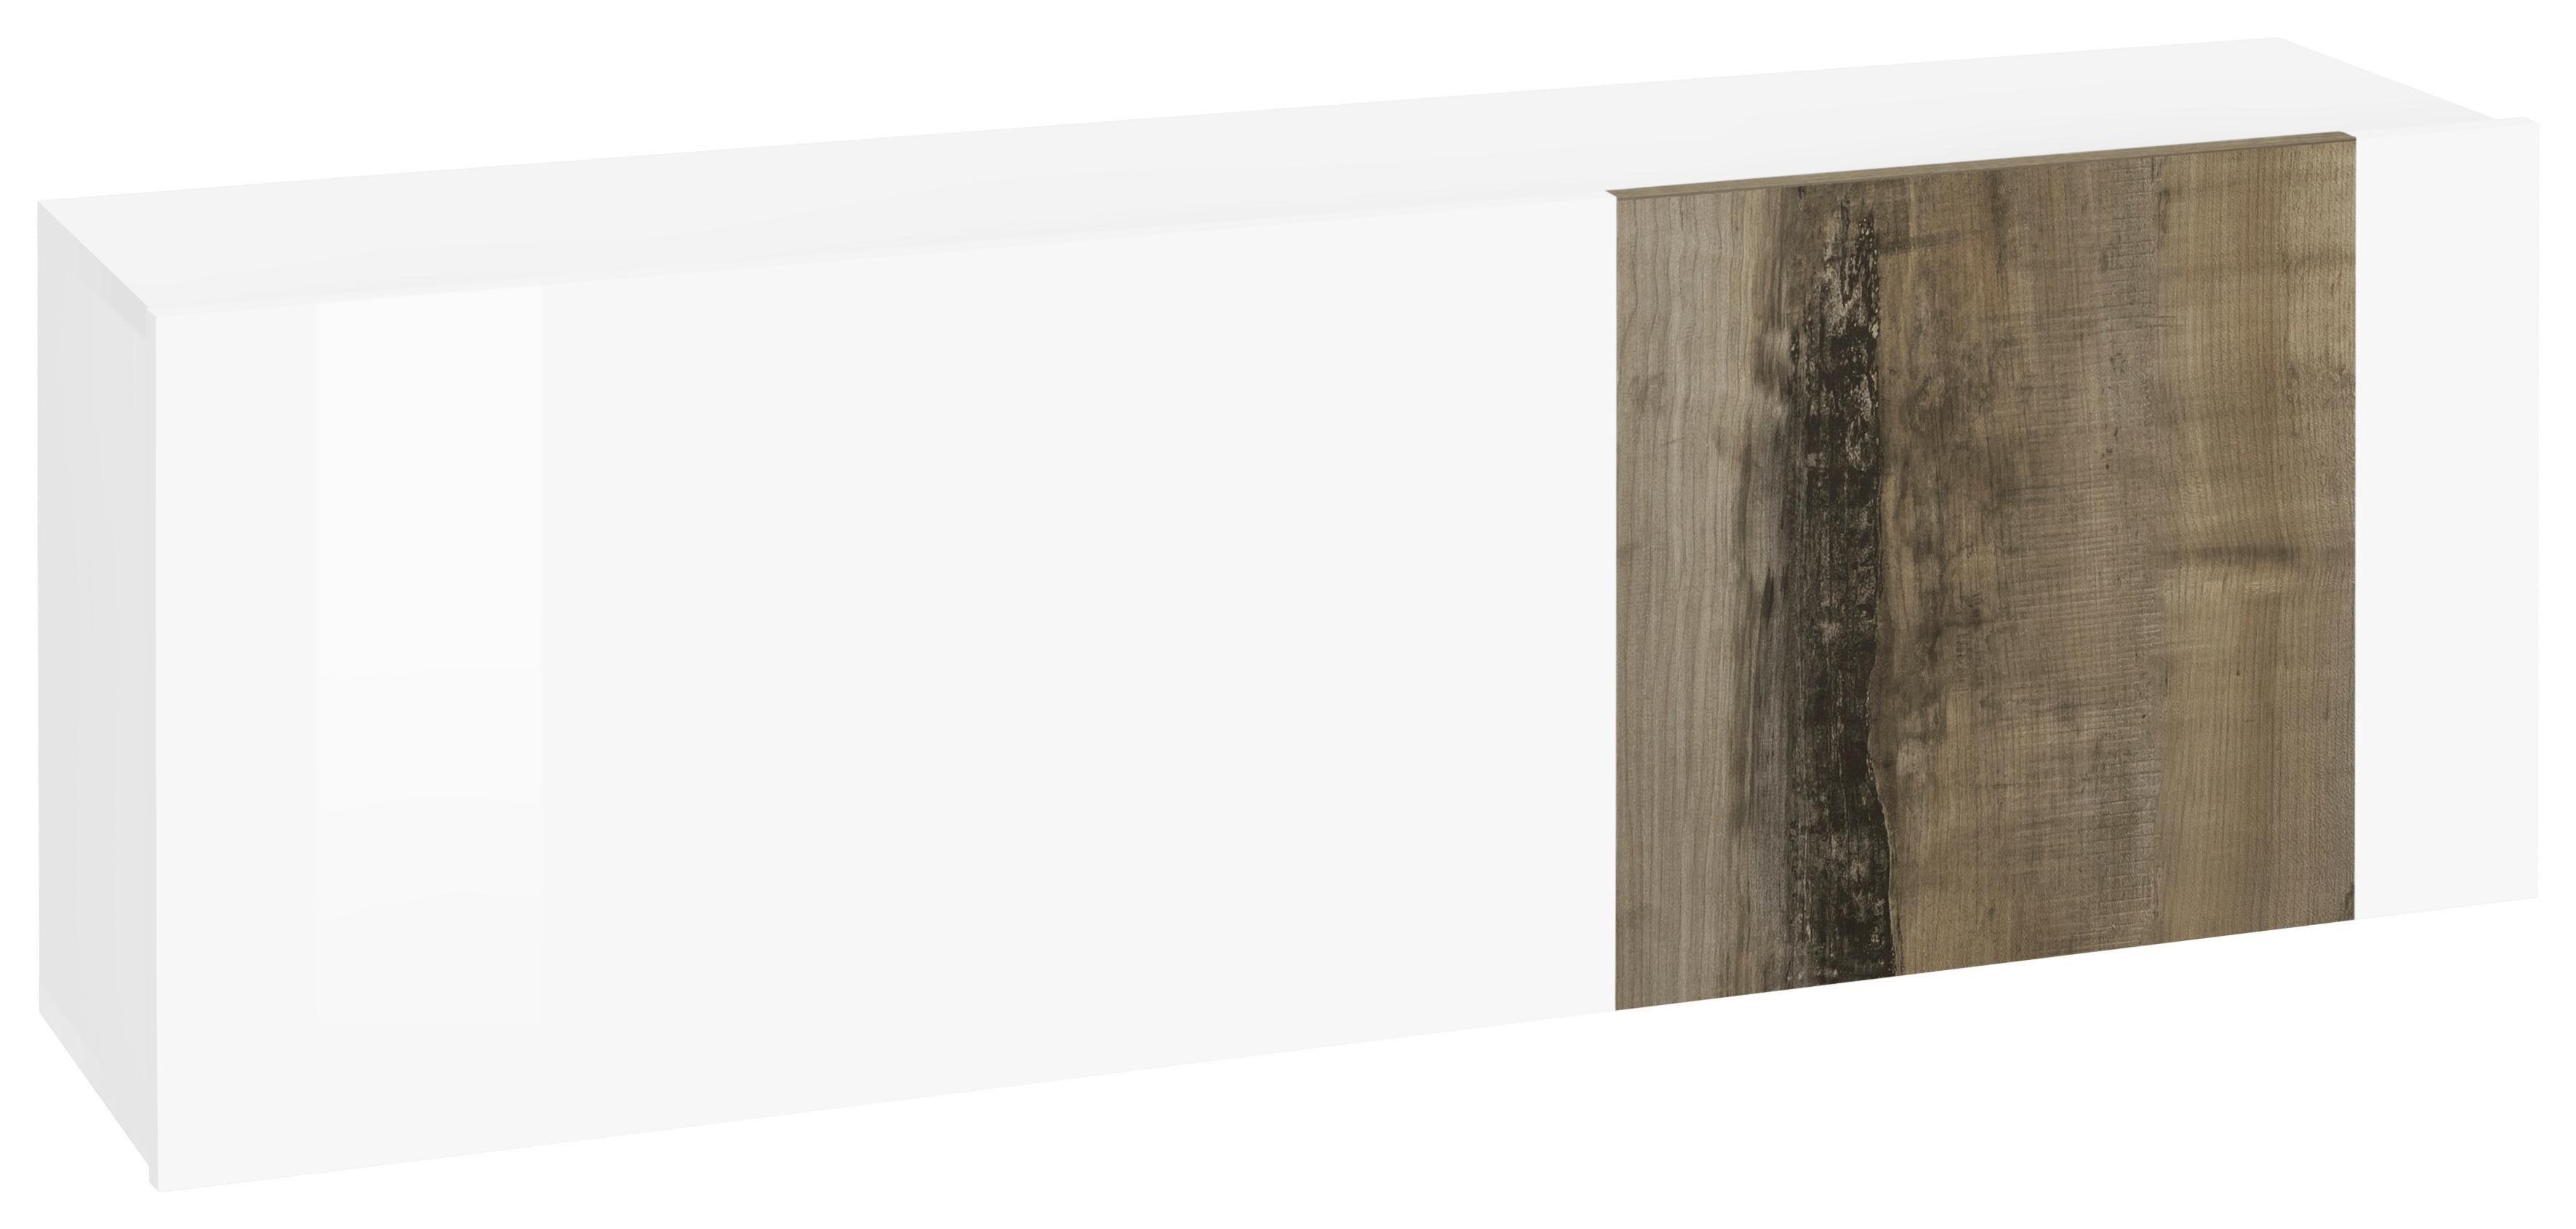 Schuhschrank »Cross« | Flur & Diele > Schuhschränke und Kommoden > Schuhschränke | Weiß | Beton - Eiche - Holz | Tecnos